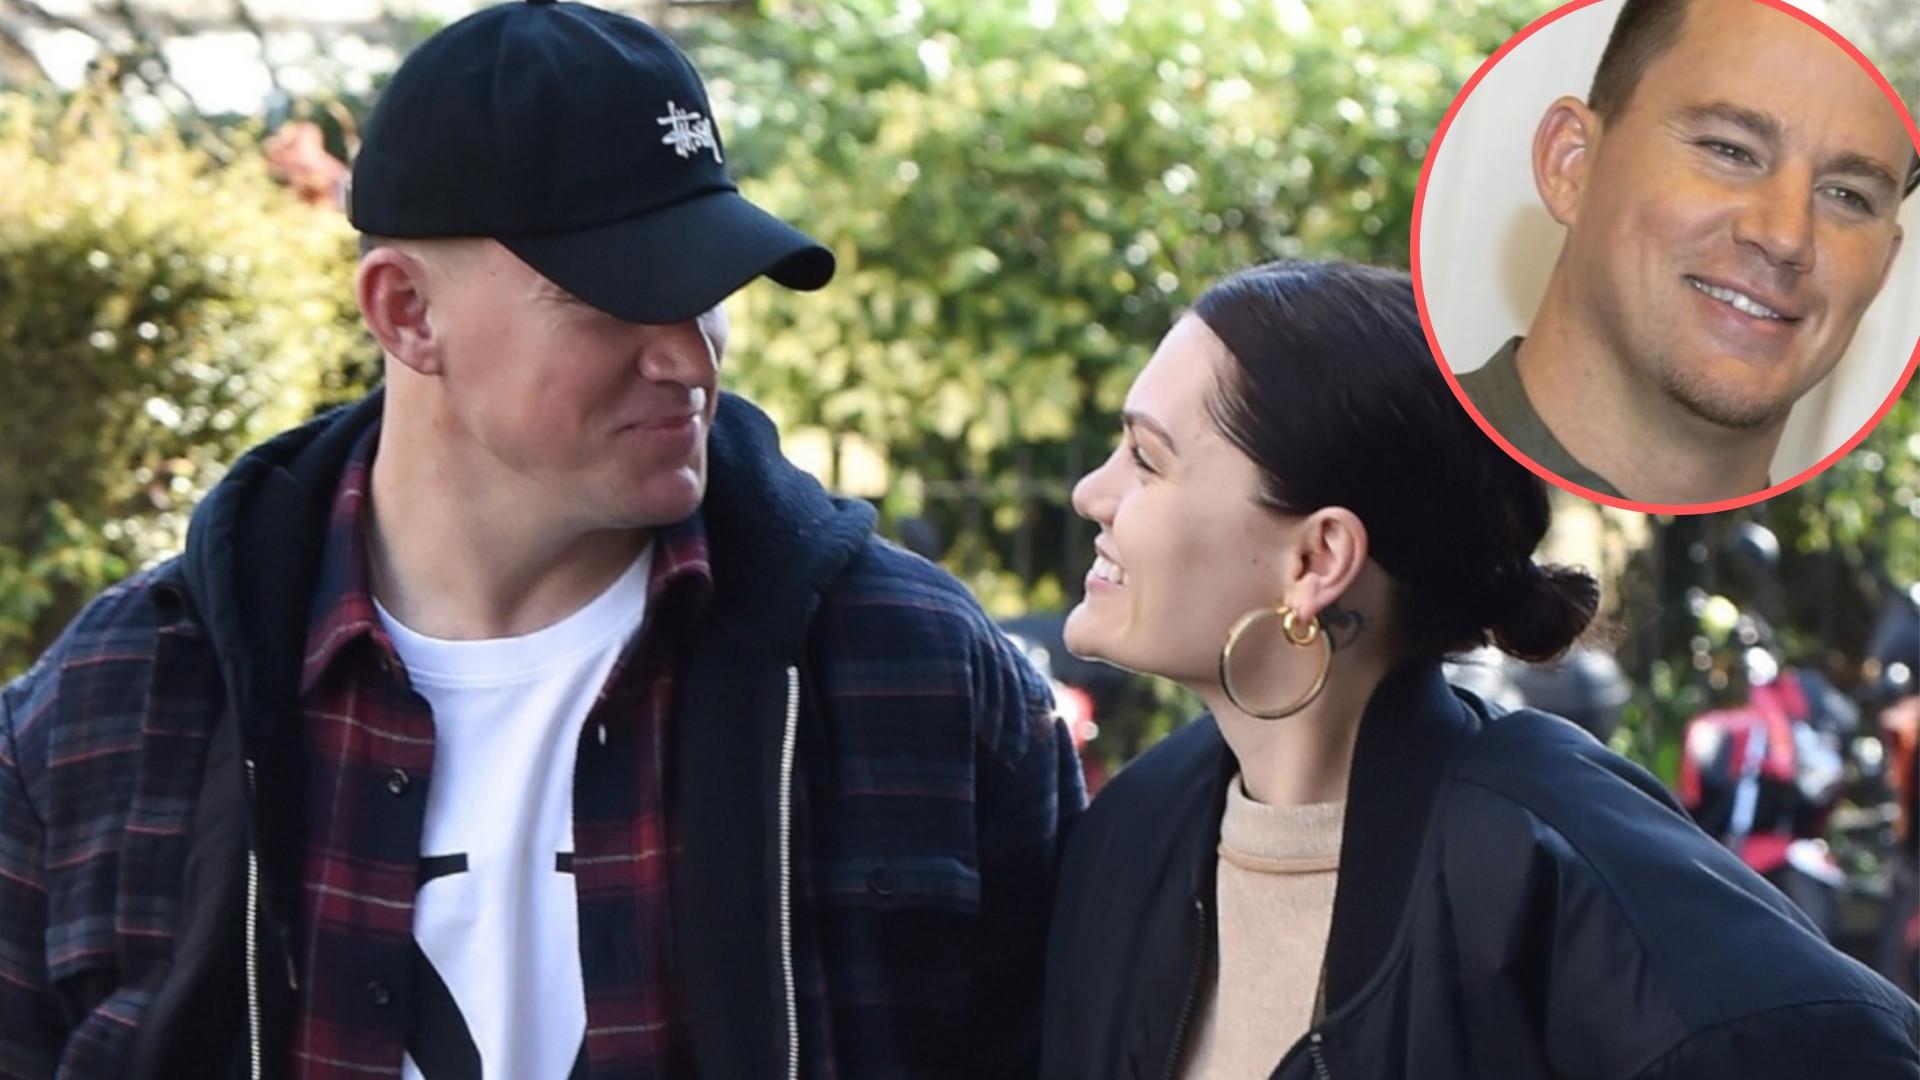 Channing Tatum publicznie wyznał miłość Jessie J! Uroczy gest jest dowodem na to, że Channing za nią SZALEJE